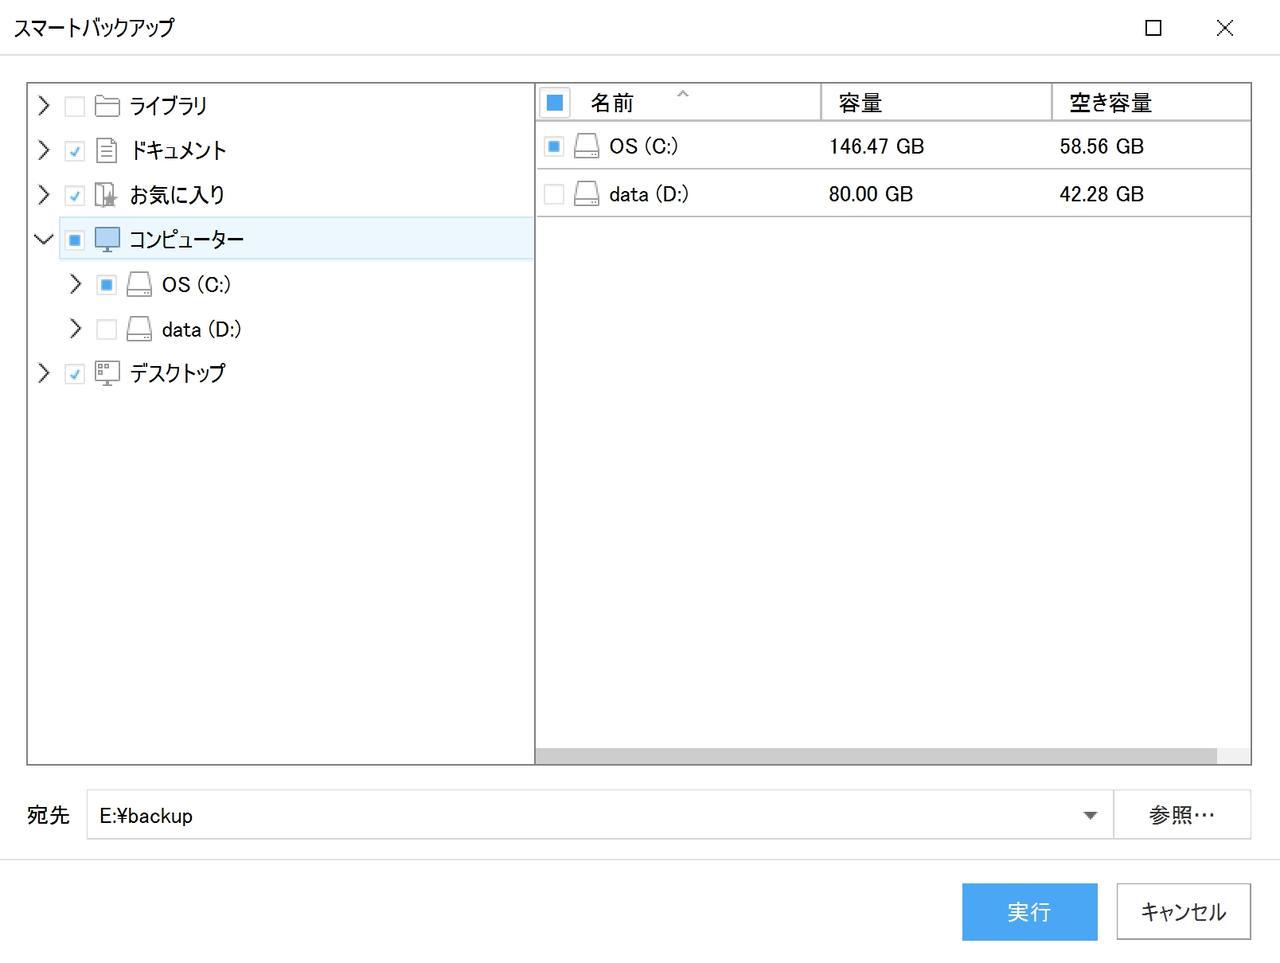 スマートバックアップはユーザ領域を中心にファイルバックアップを取得する機能